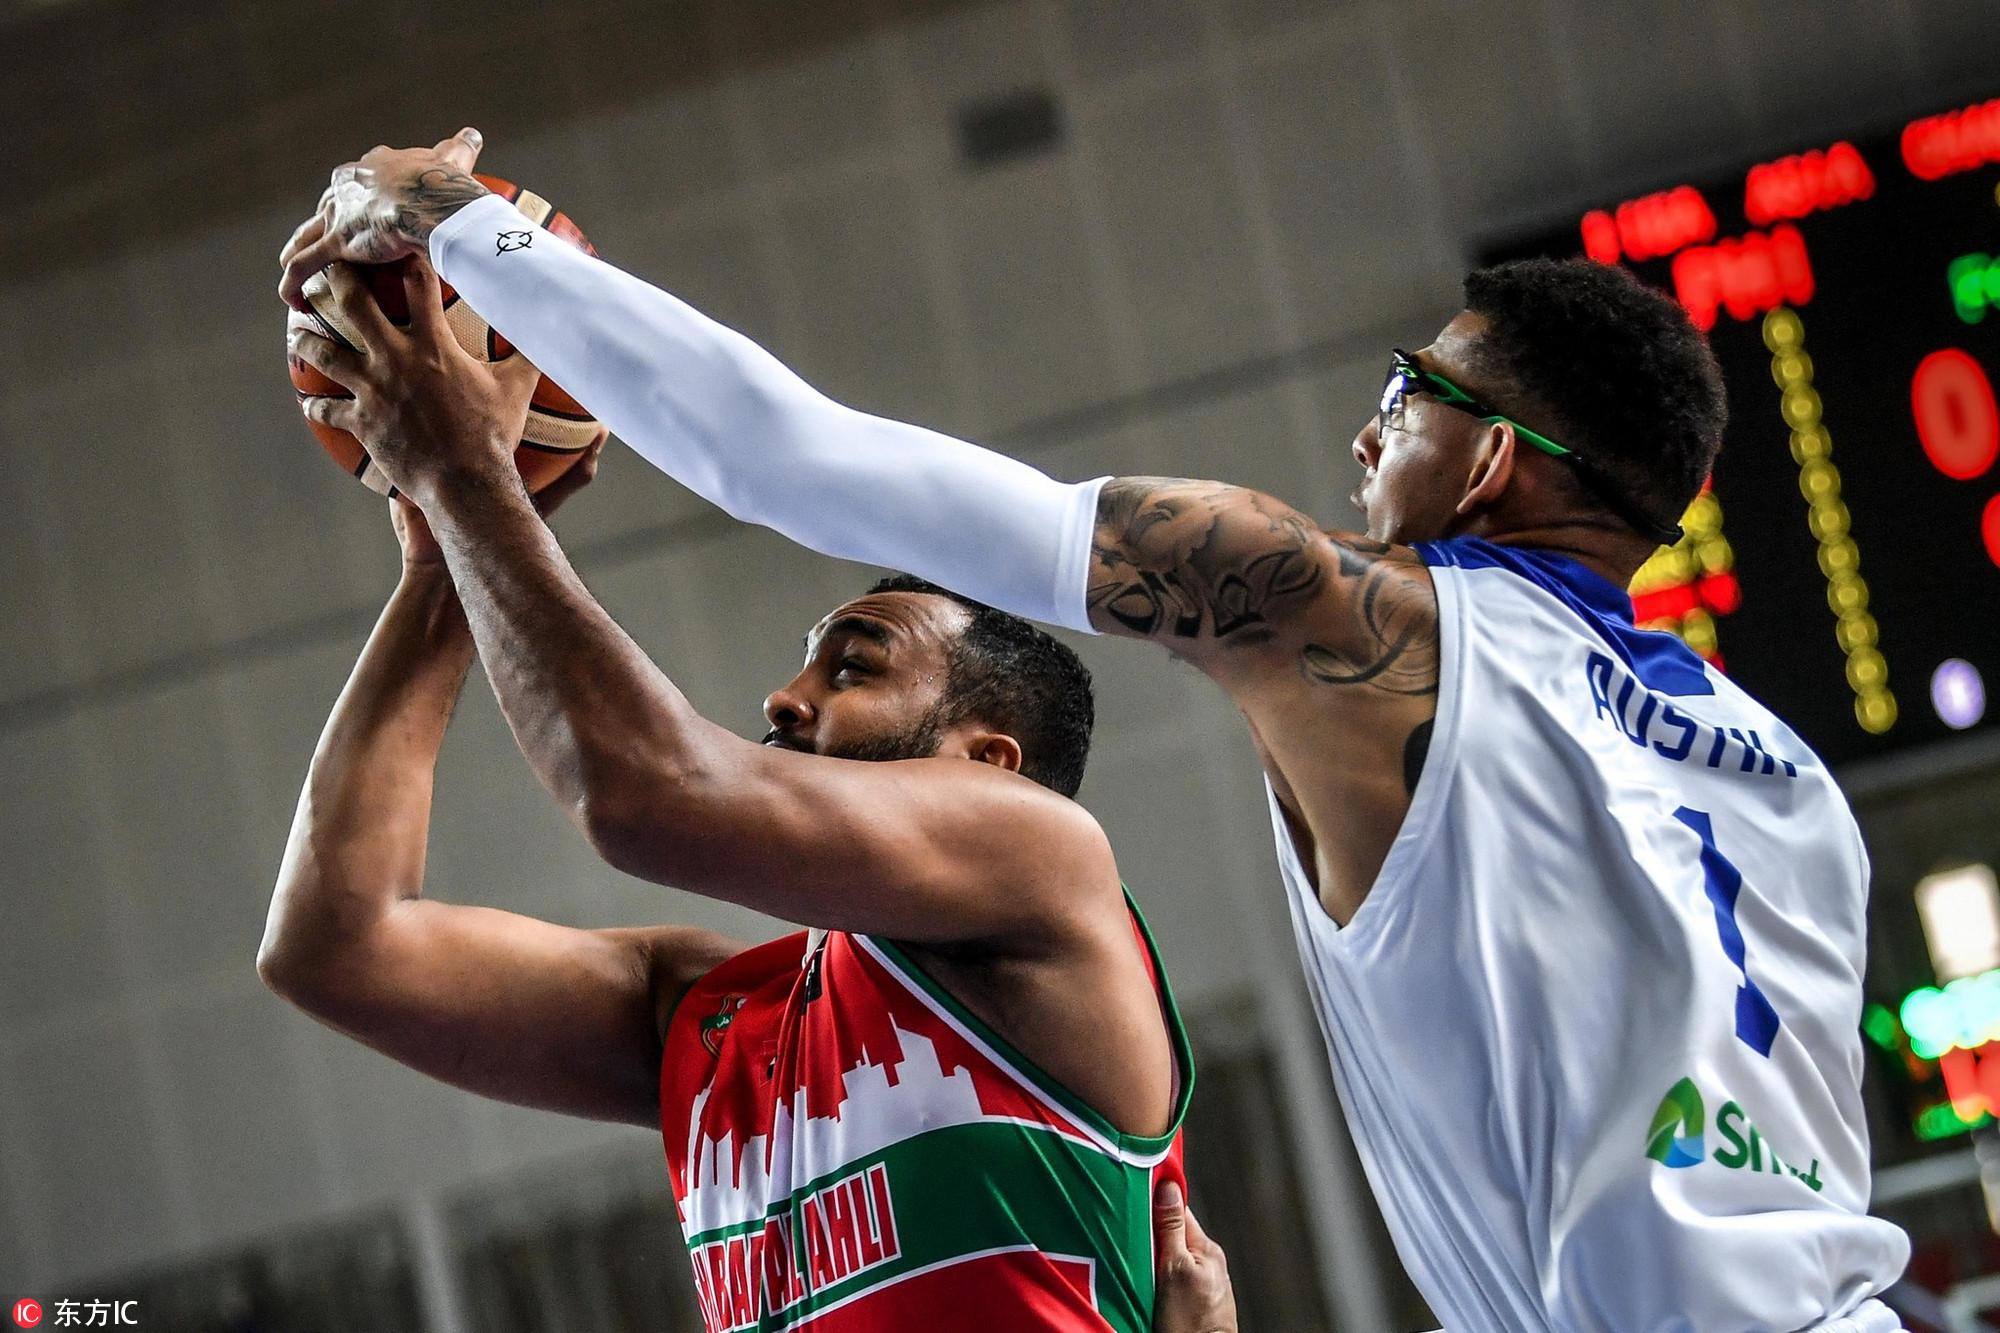 高清:菲律宾联胜西亚土豪队 独眼巨人送大帽